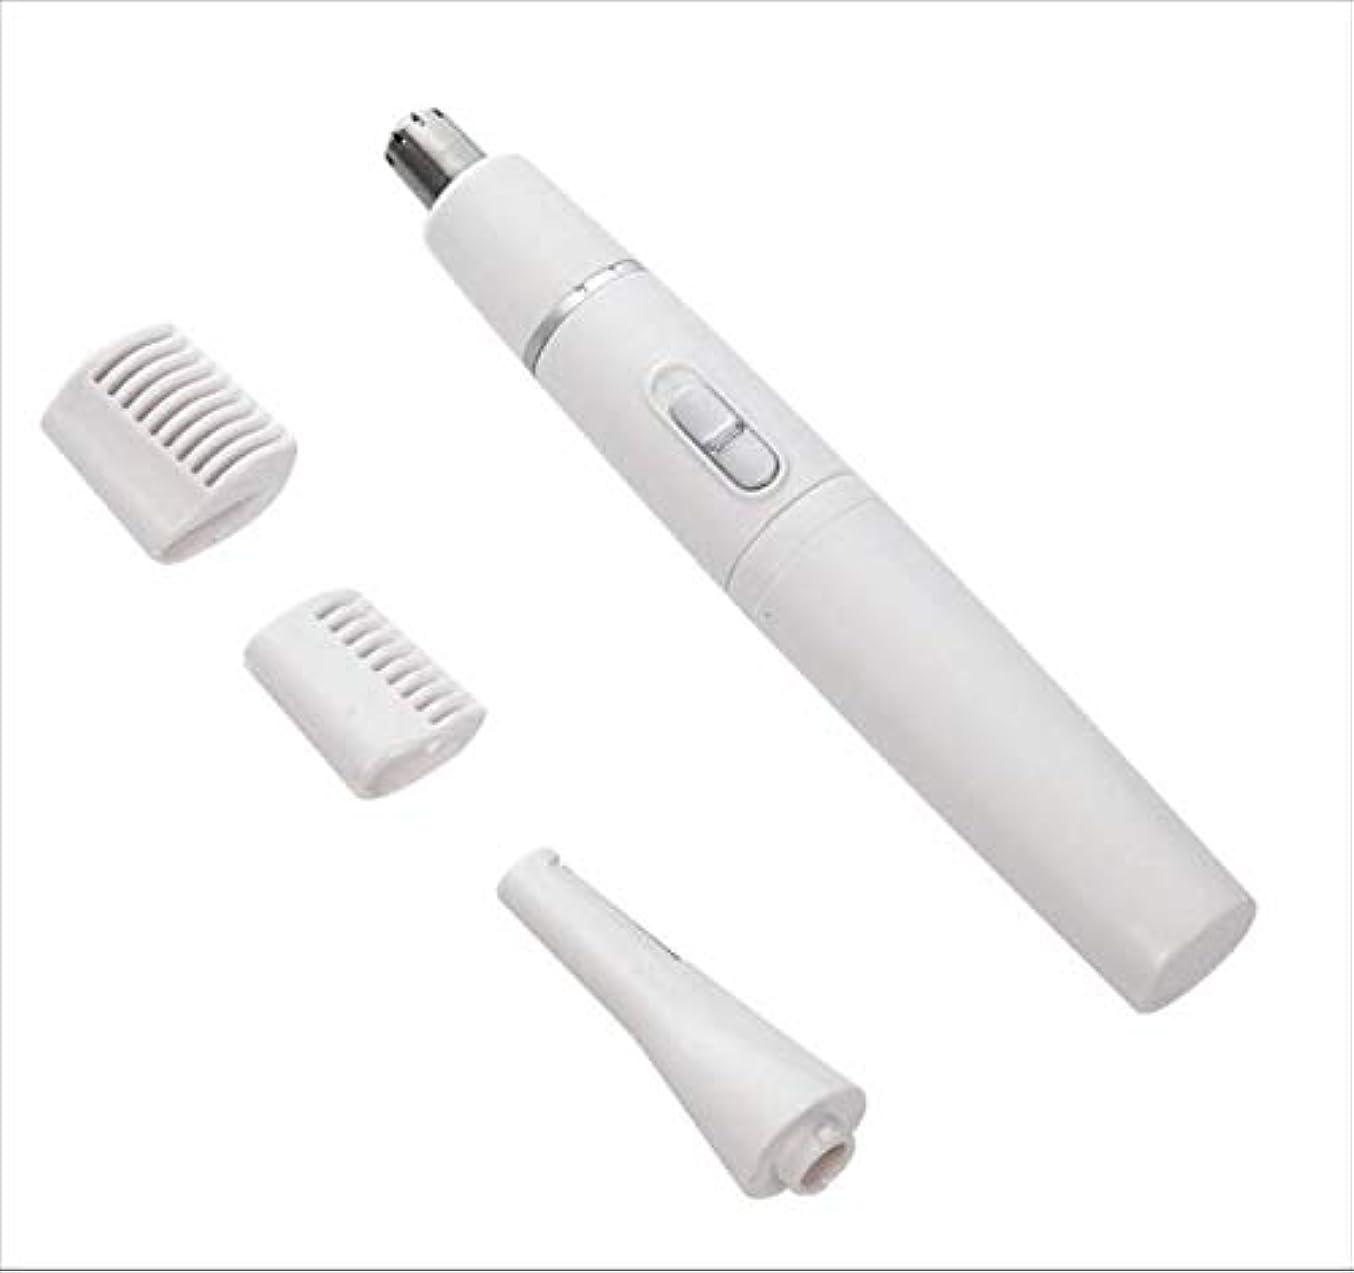 鼻毛デバイス、シェービングデバイス、2の1つ、シェービングノーズナイフ、シェービングナイフ、眉シェーピングナイフ、電気眉シェーピングデバイス